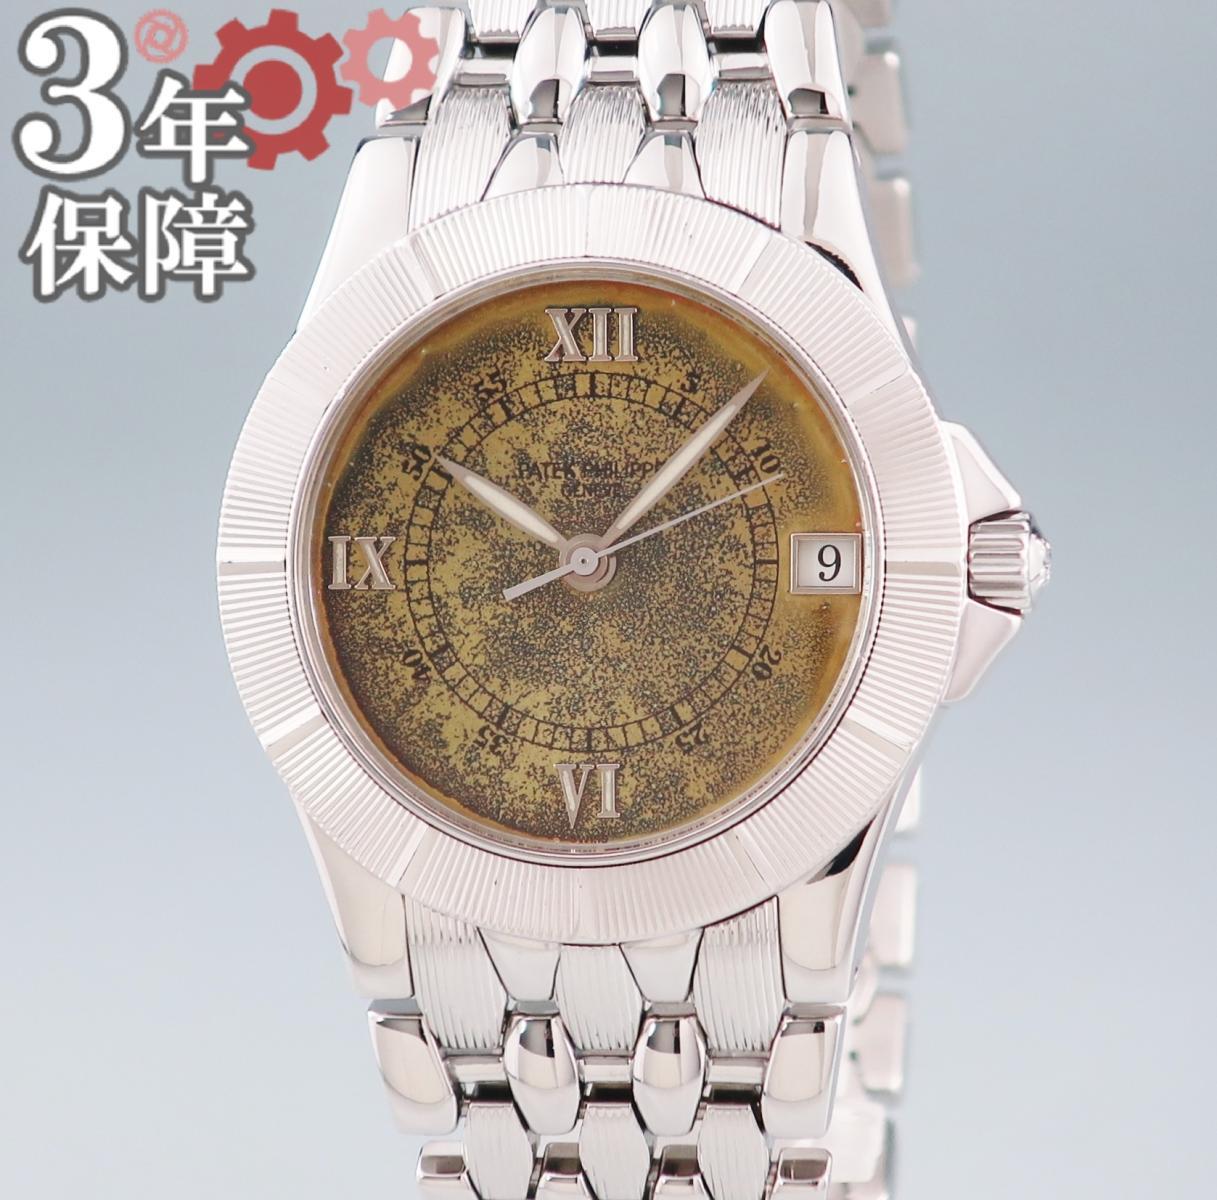 パテックフィリップ PATEK PHILIPPE ネプチューン 5080/1A 自動巻 メンズ ウォッチ 腕時計 【中古】 【店頭受取対応商品】